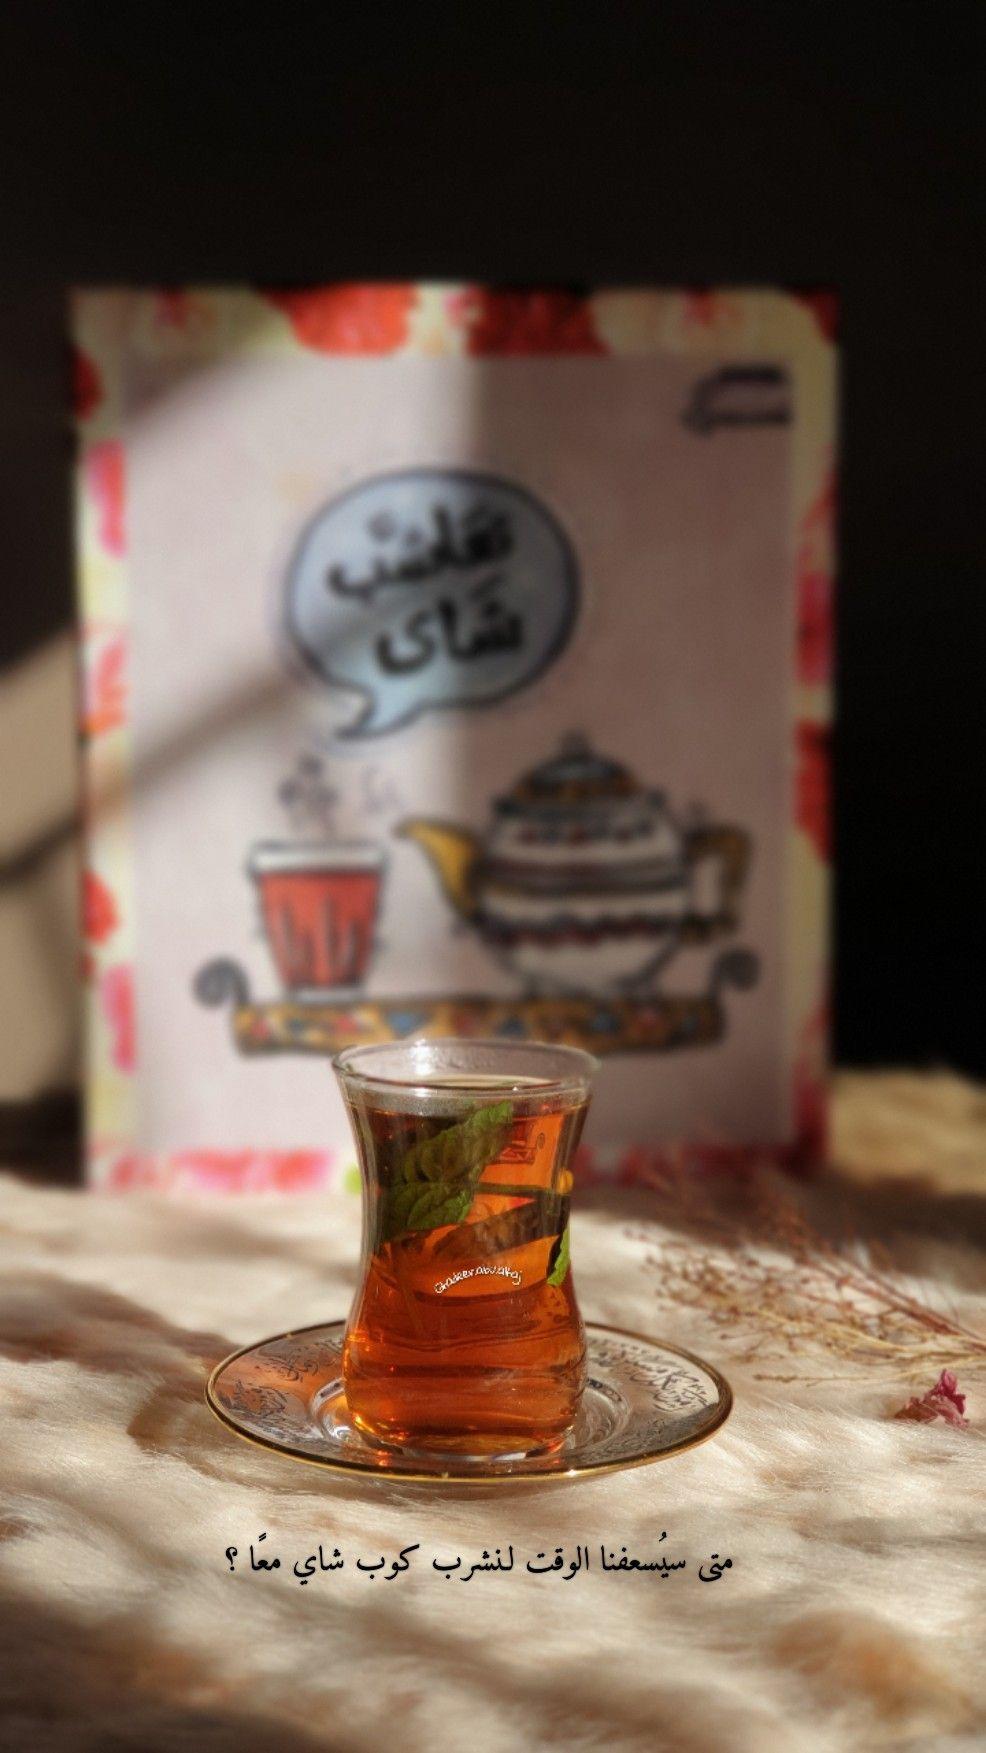 متى سيسعفنا الوقت لنشرب كوب شاي مع ا Photo And Video Instagram Instagram Photo